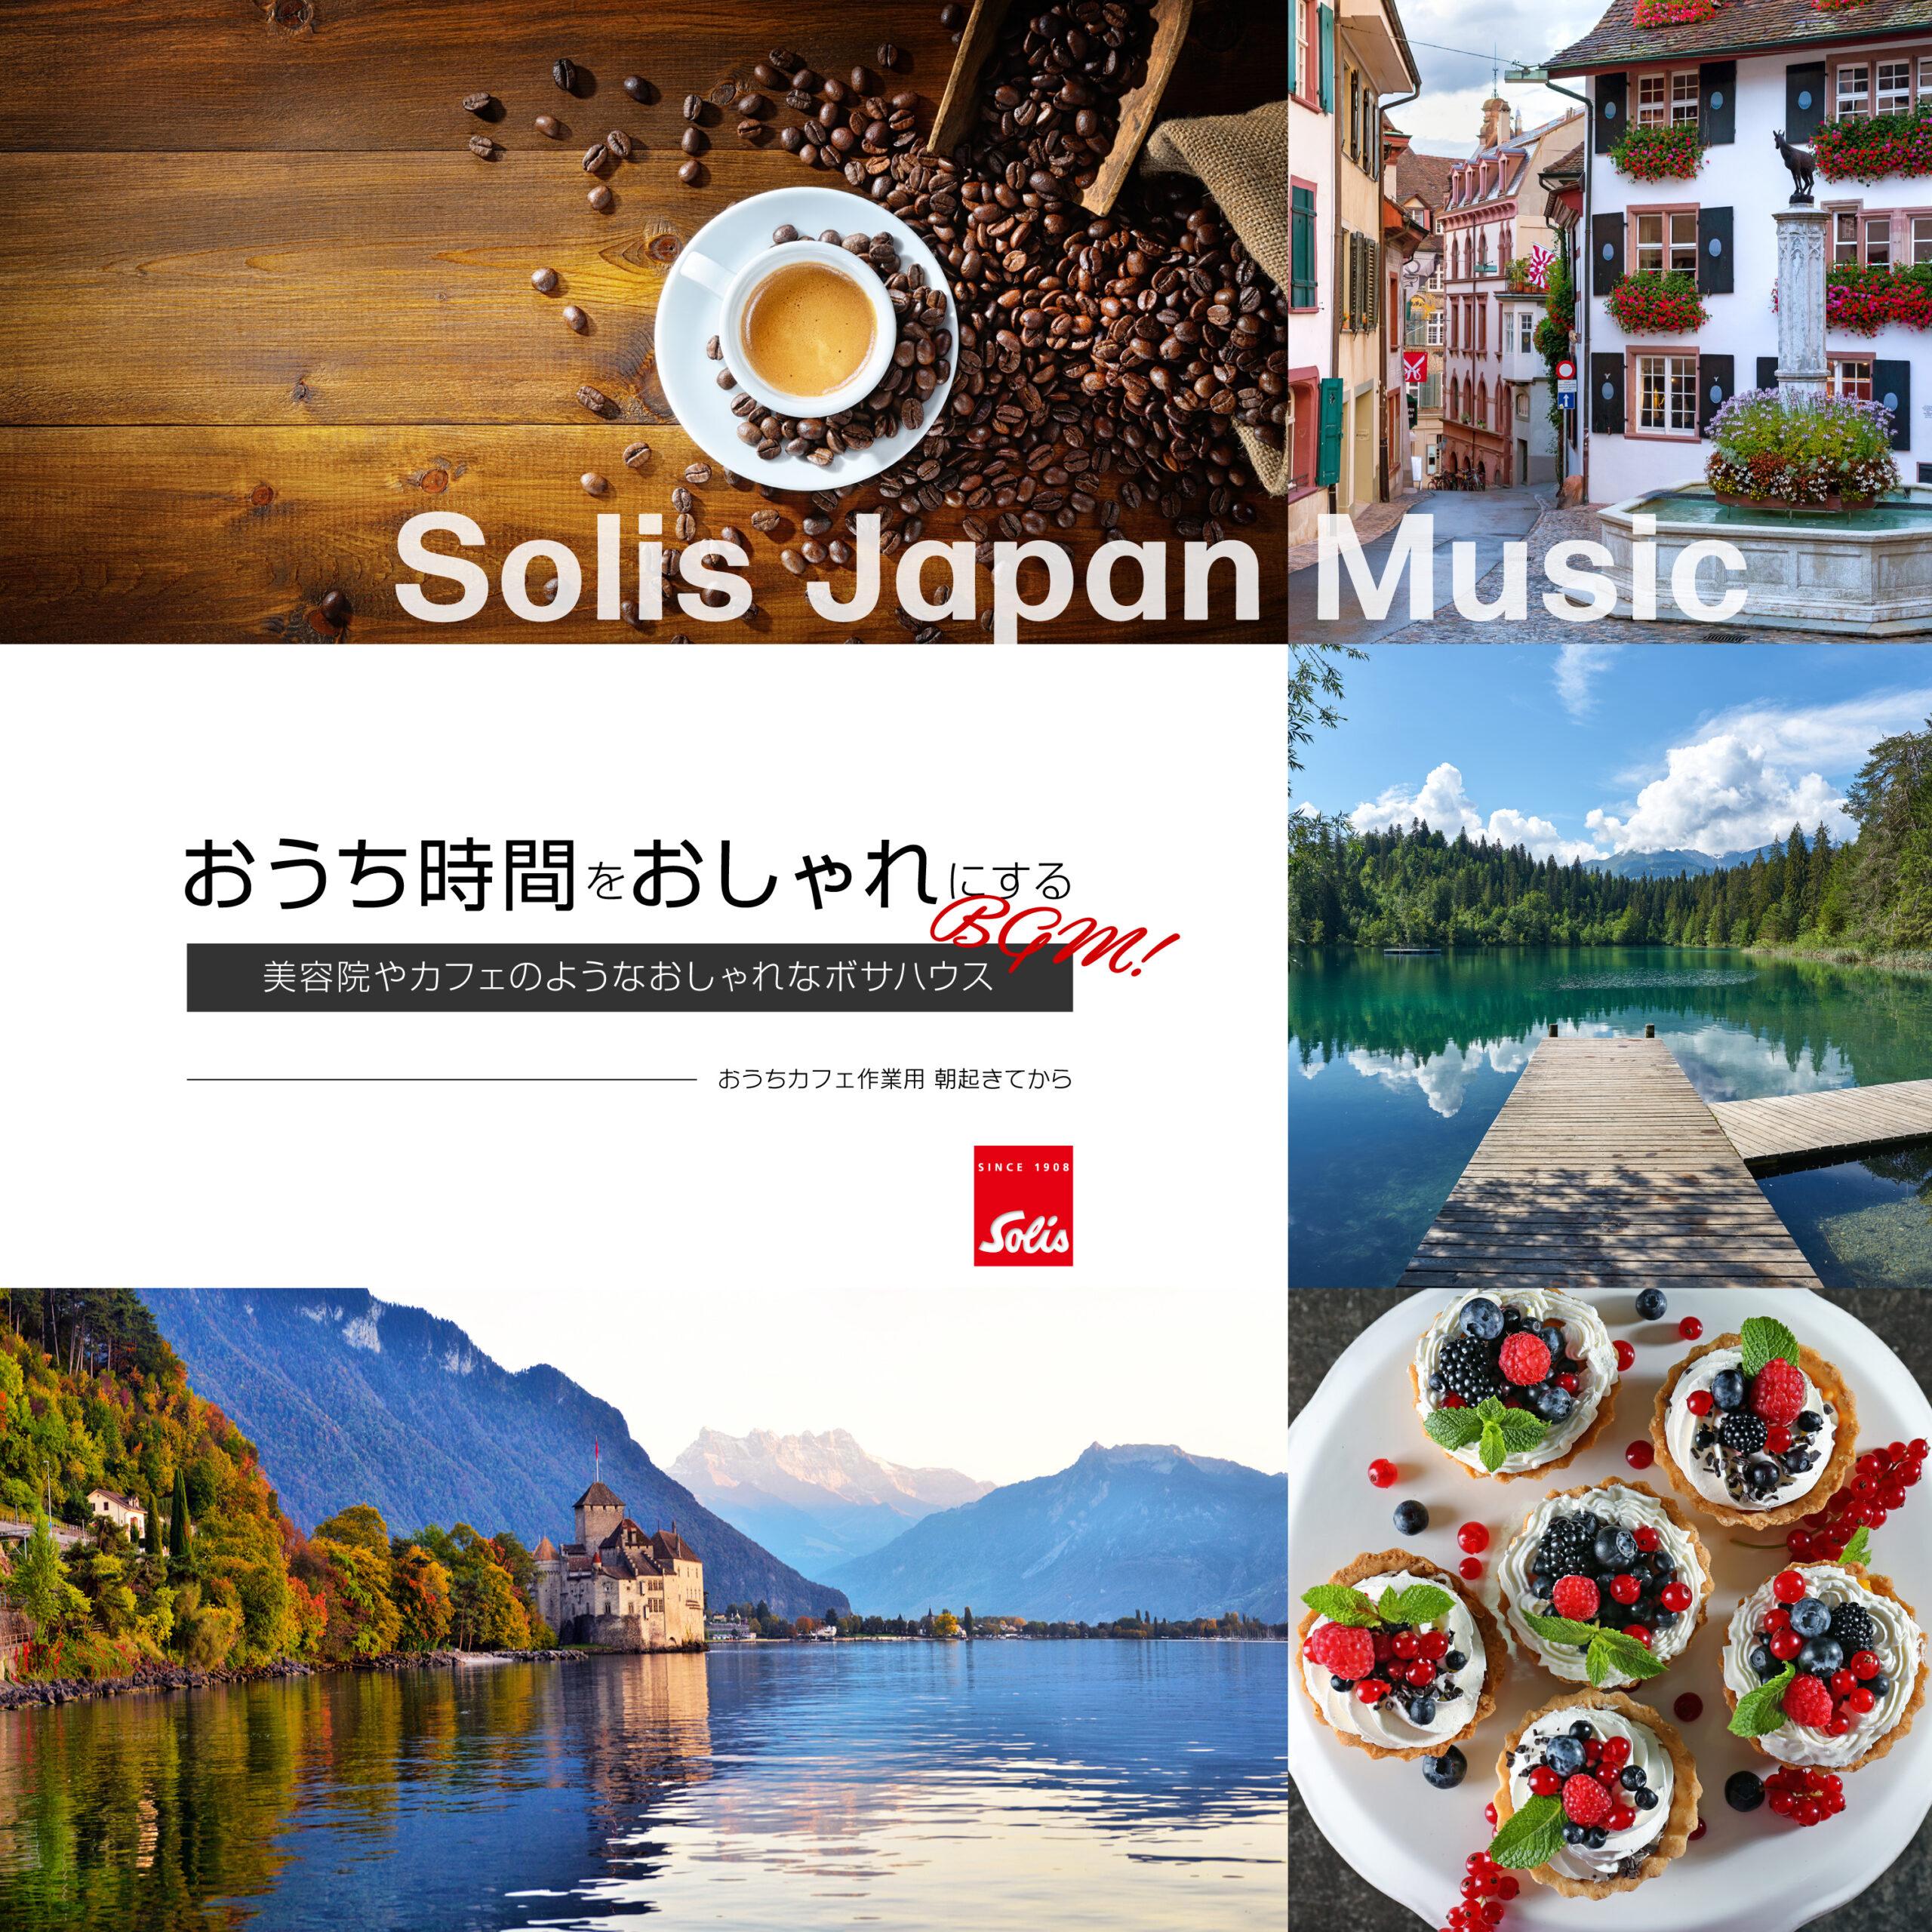 Solis Japan Music おうち時間をおしゃれにするBGM 美容院やカフェのようなおしゃれなボサハウス おうちカフェ 作業用 朝起きてから